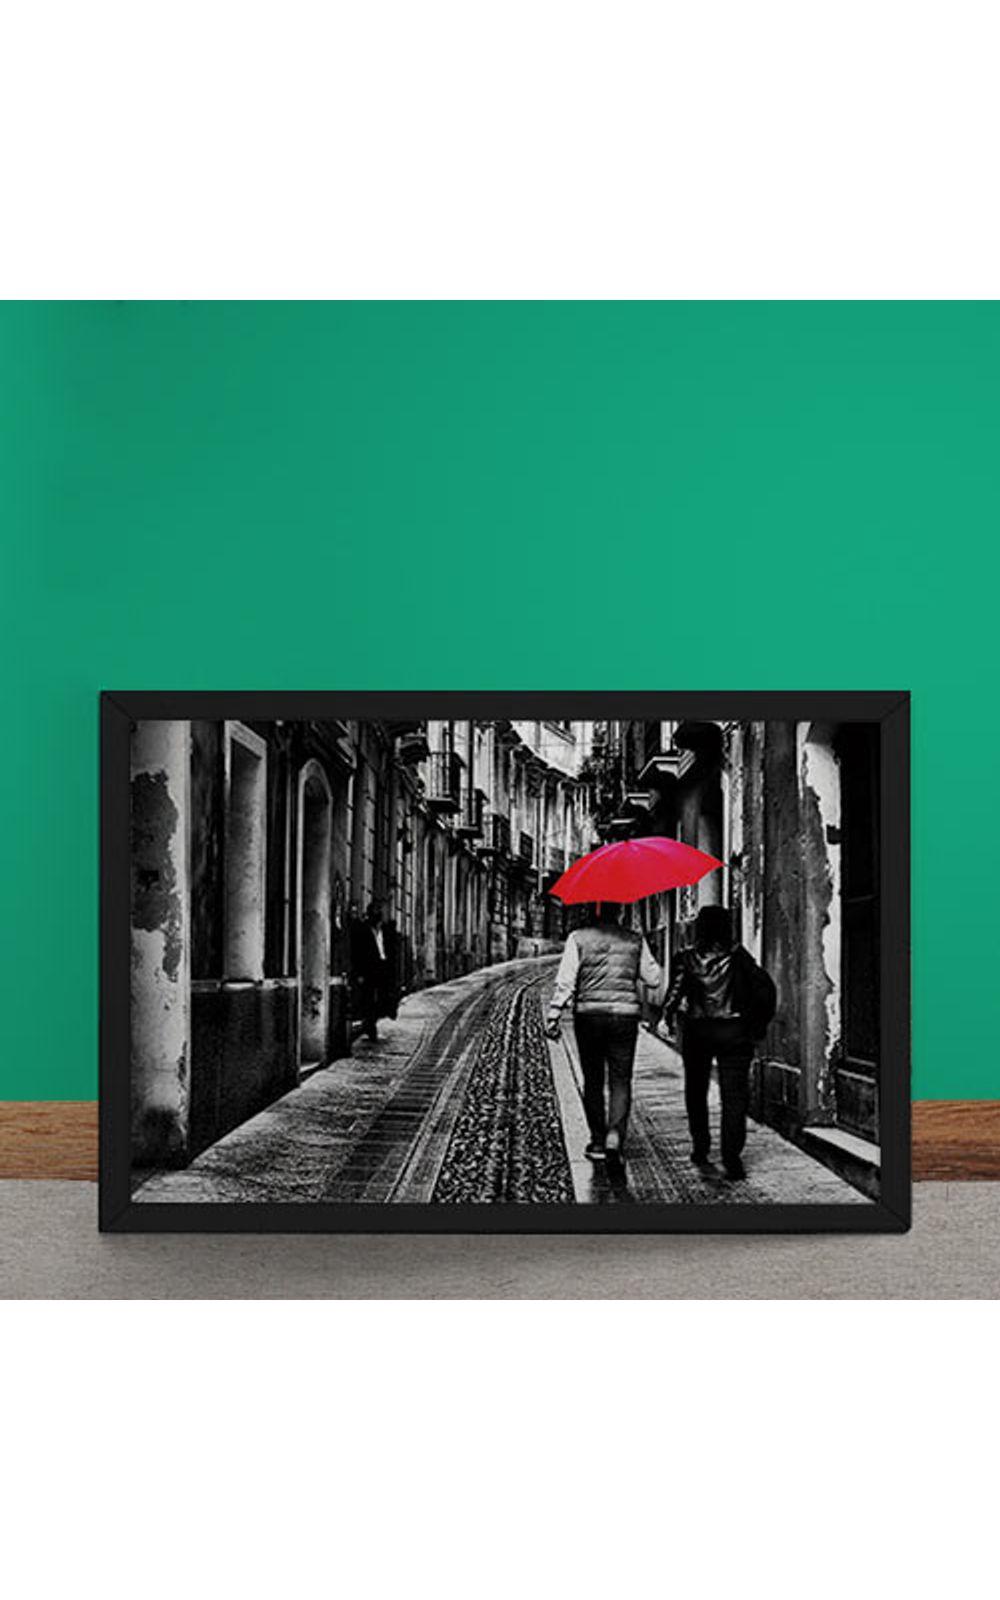 Foto 2 - Quadro Decorativo Casal do Guarda Chuva Vermelho